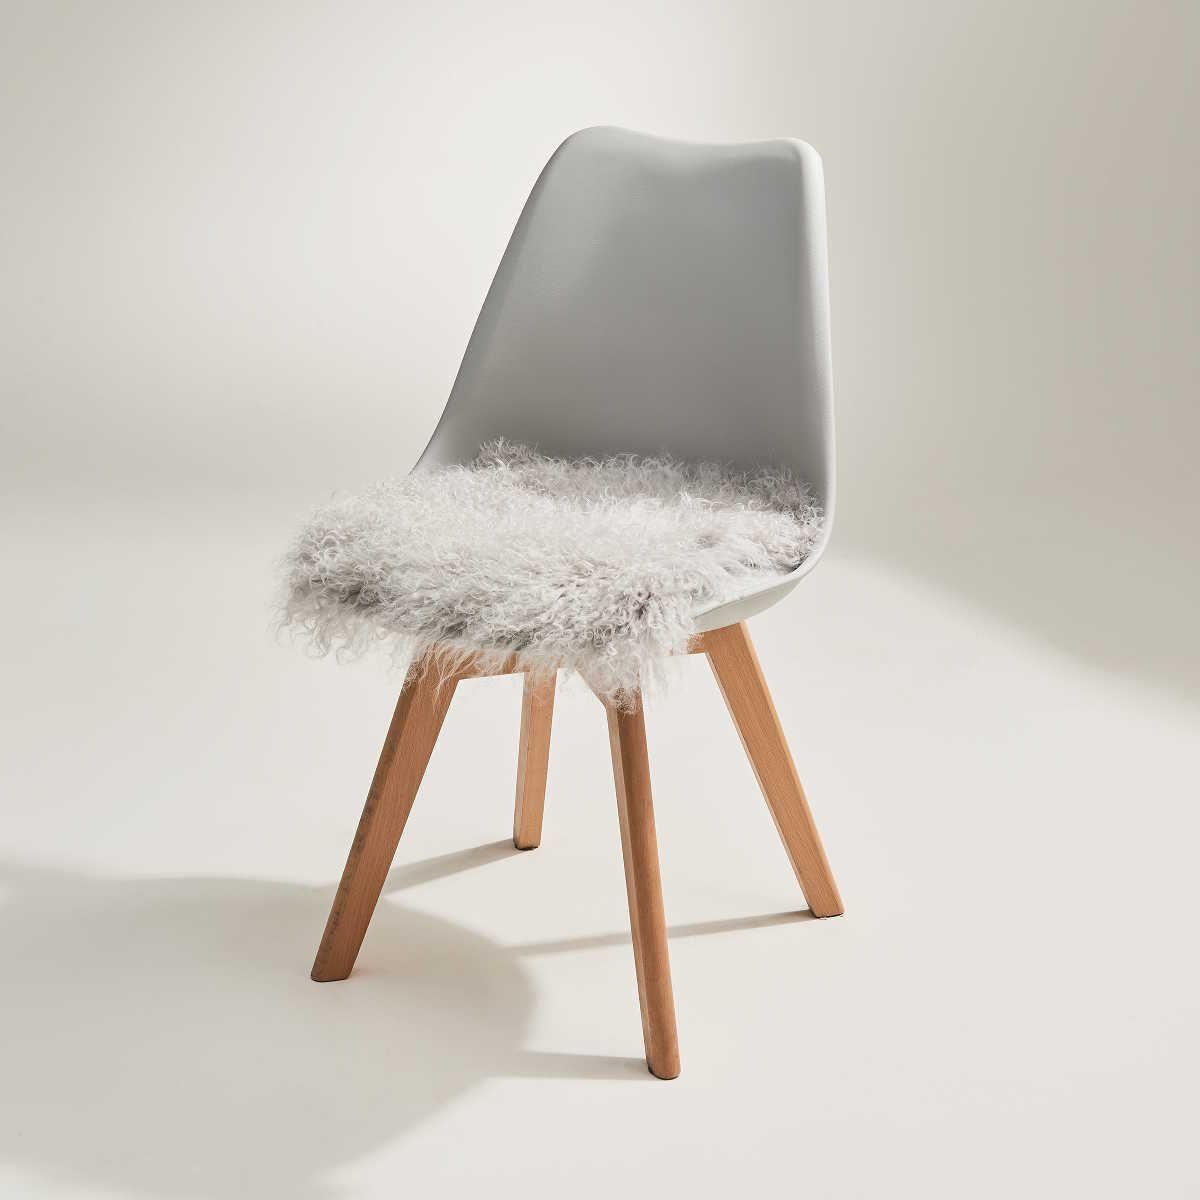 Tashi Lammfell Stuhlauflage 35x35 Cm Butlers Stuhlkissen Kissen Fur Stuhle Stuhlauflagen